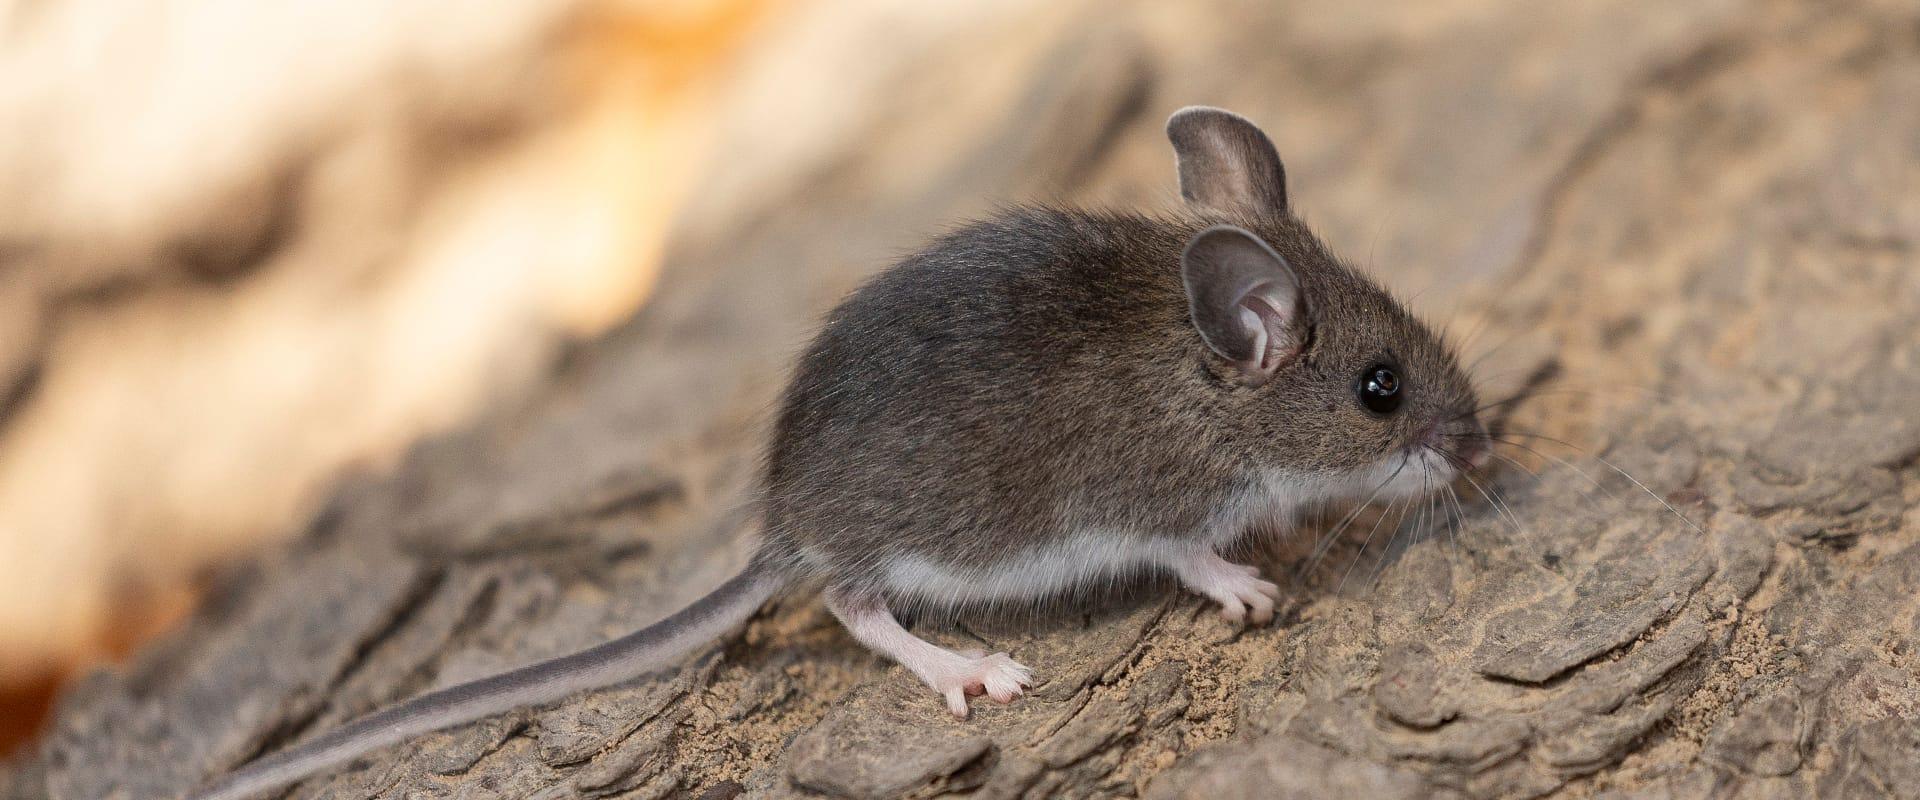 norway rat on wood